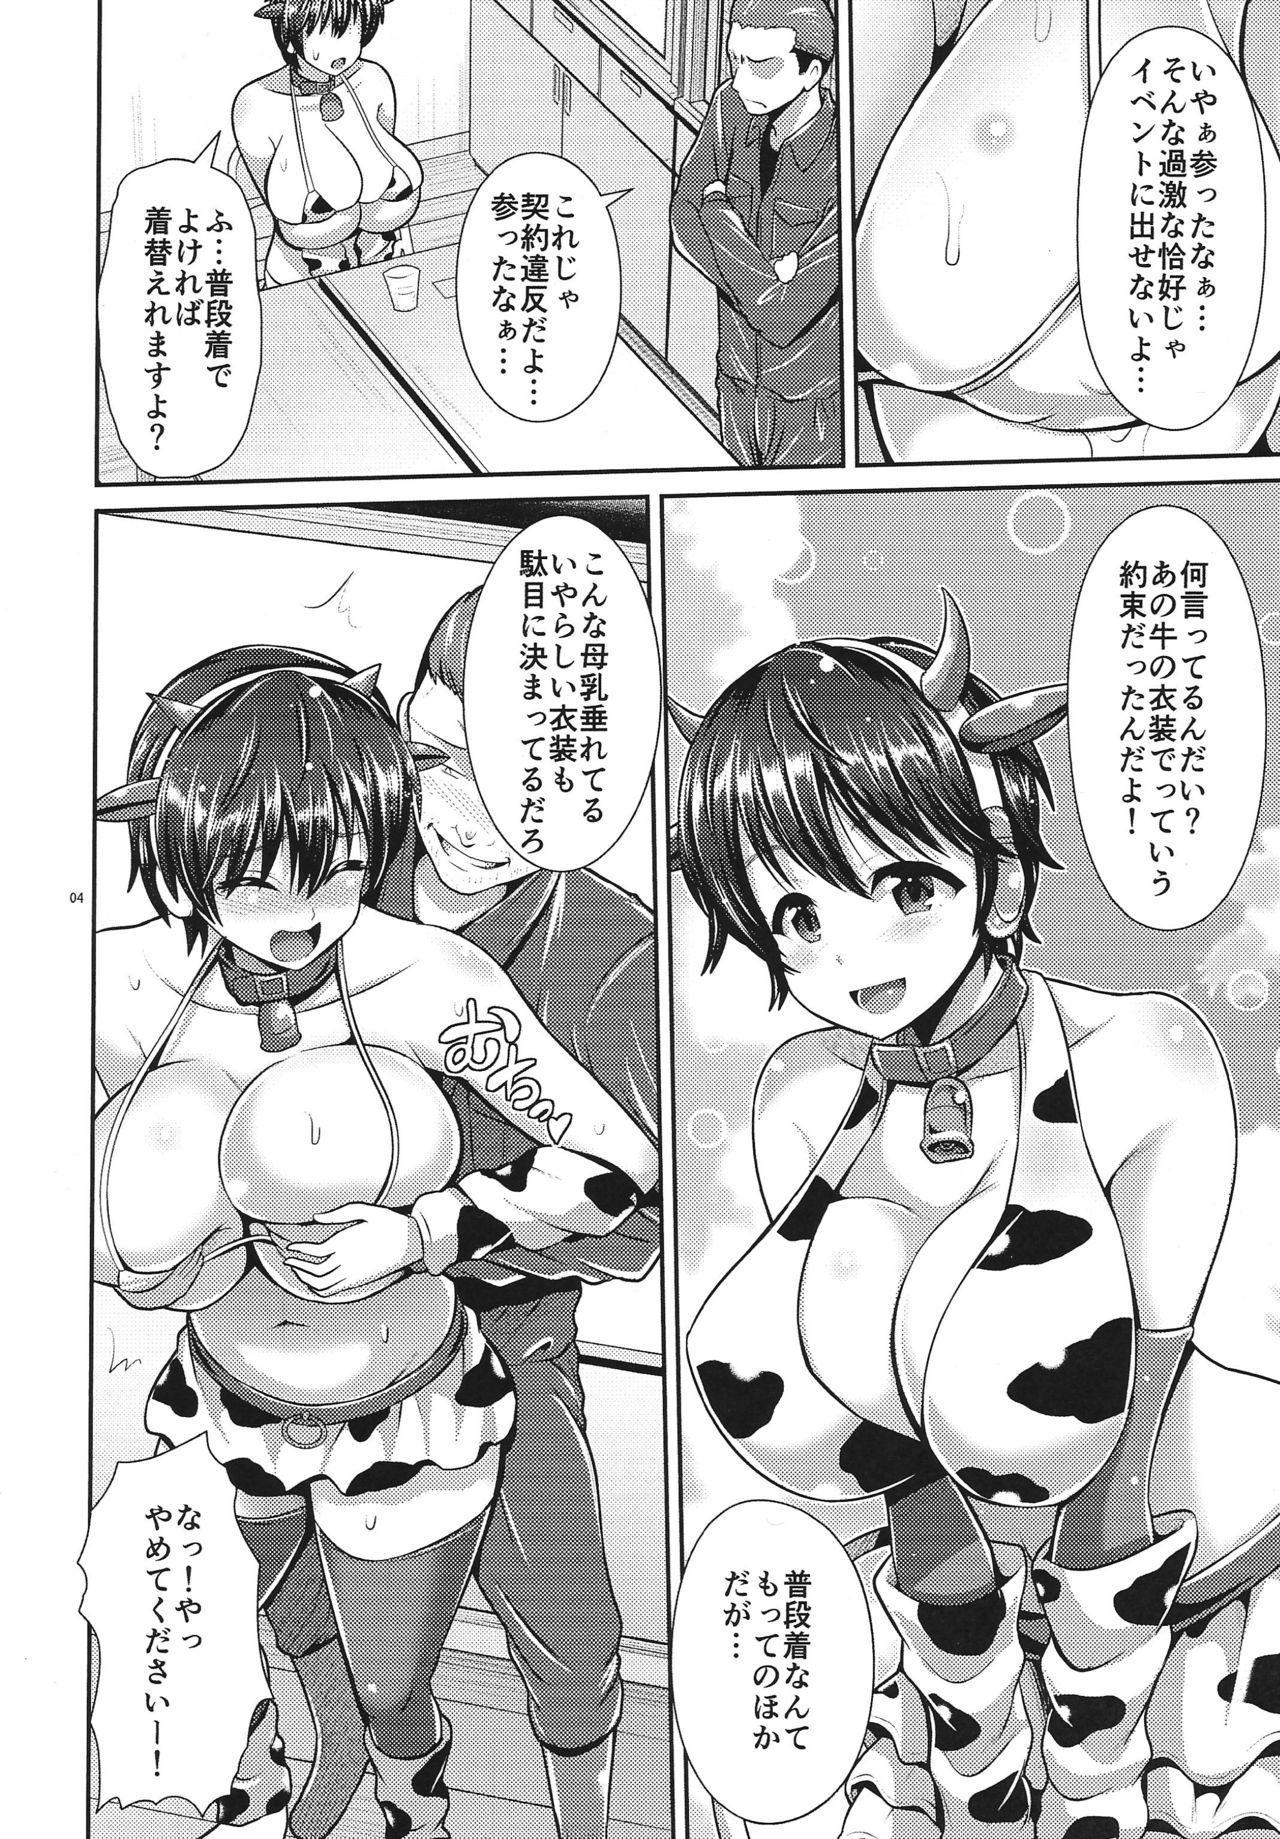 Oikawa-san no Oppai Shibori 4